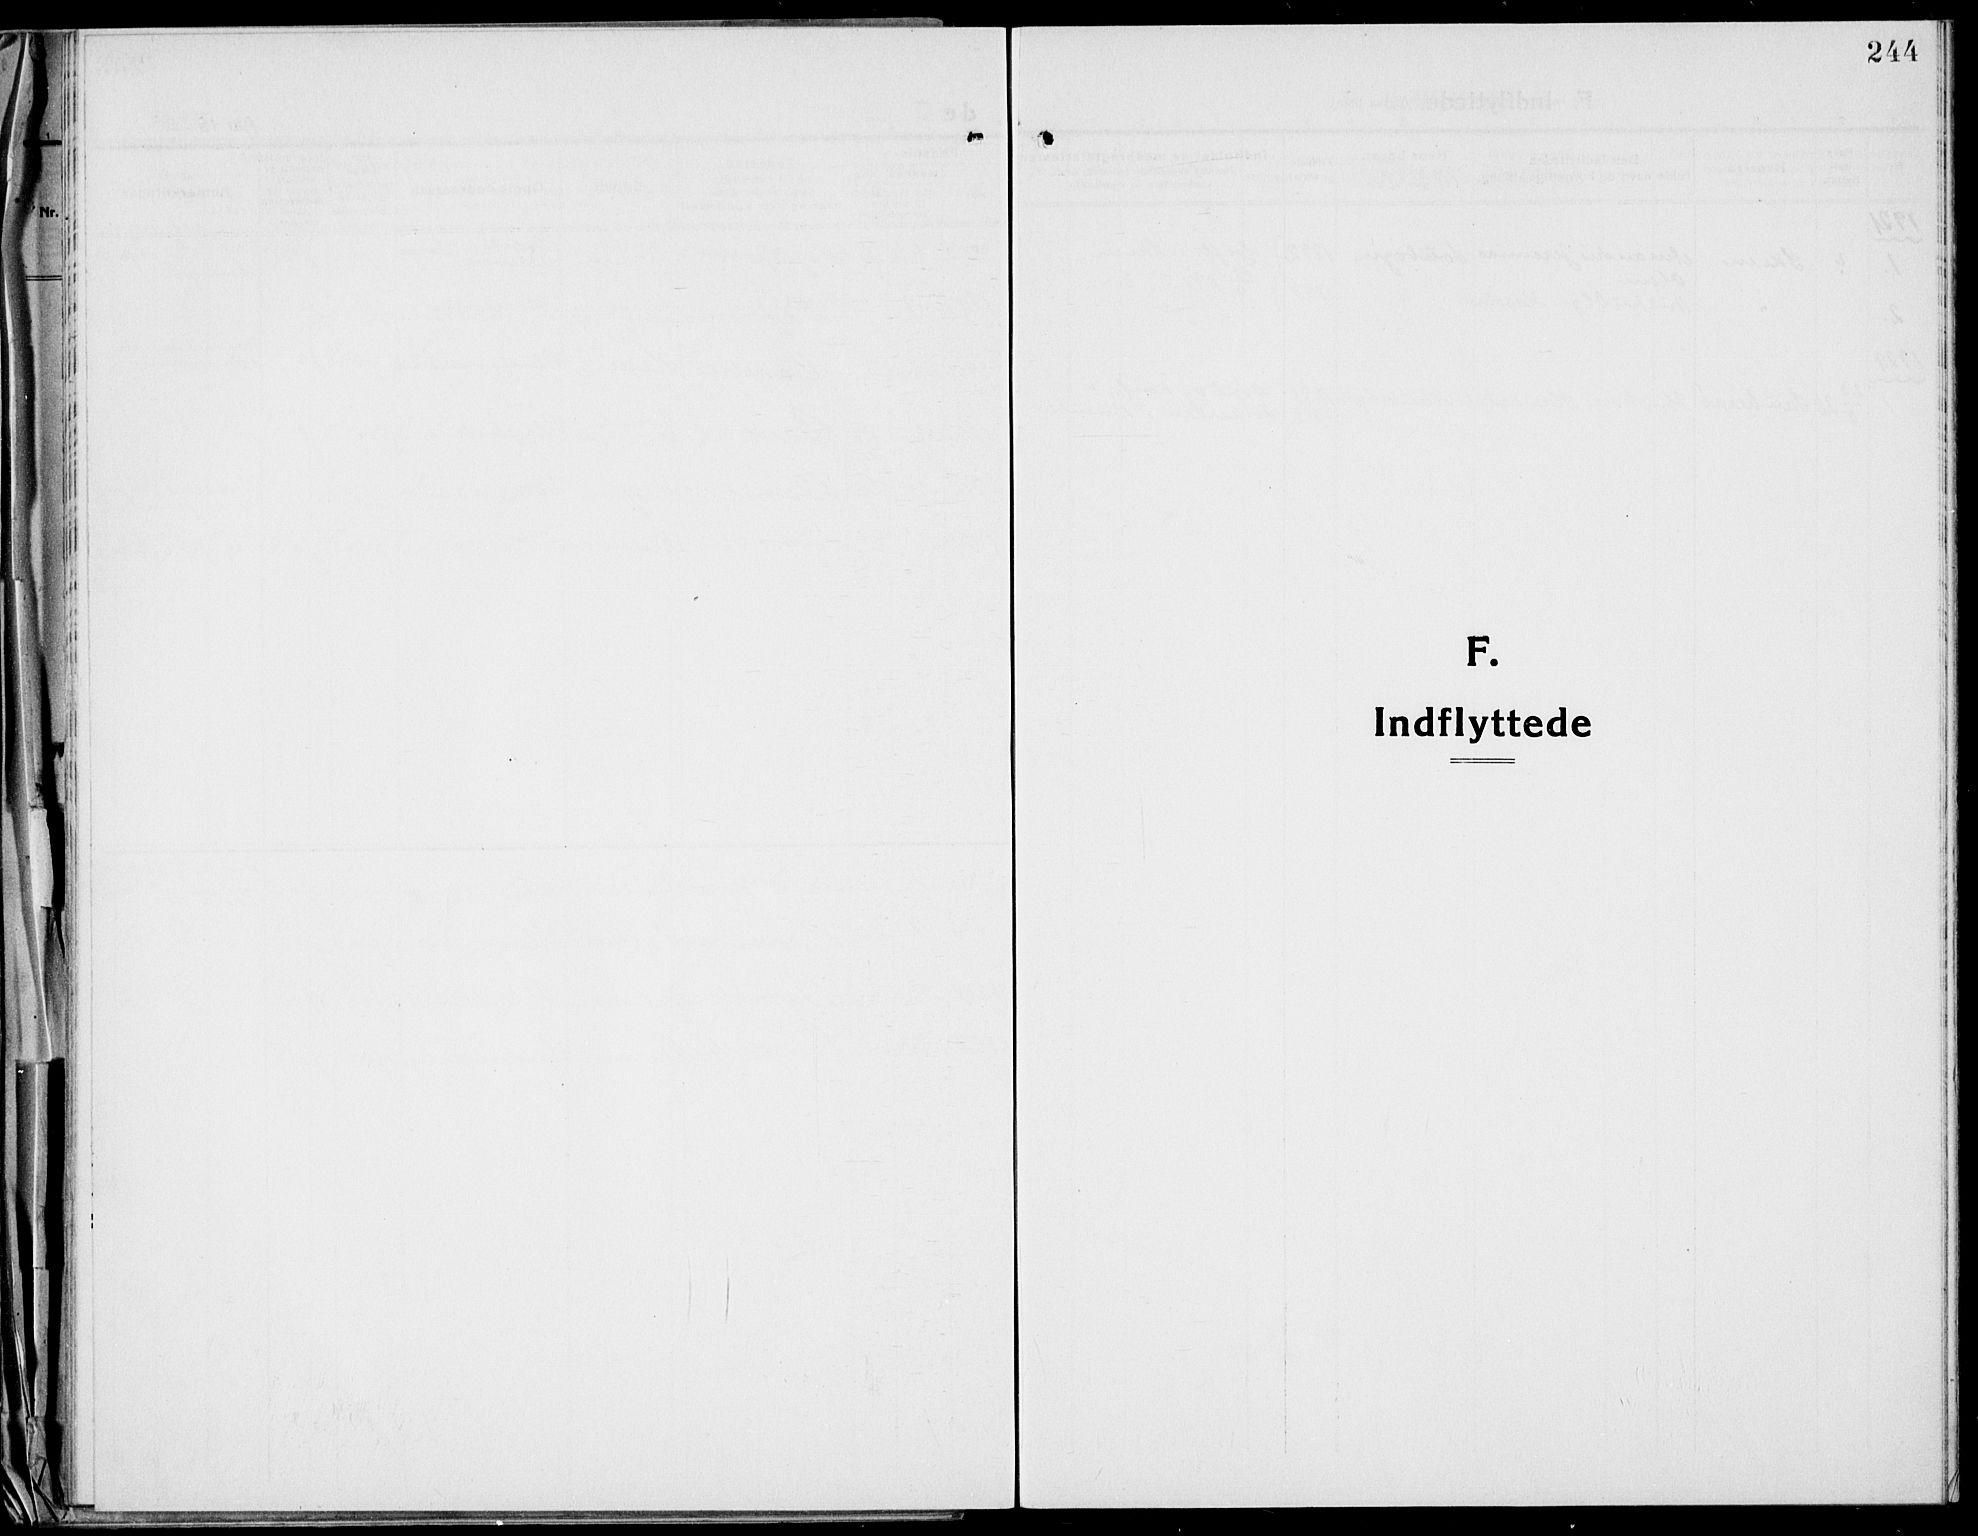 SAKO, Bamble kirkebøker, G/Ga/L0011: Klokkerbok nr. I 11, 1920-1935, s. 244